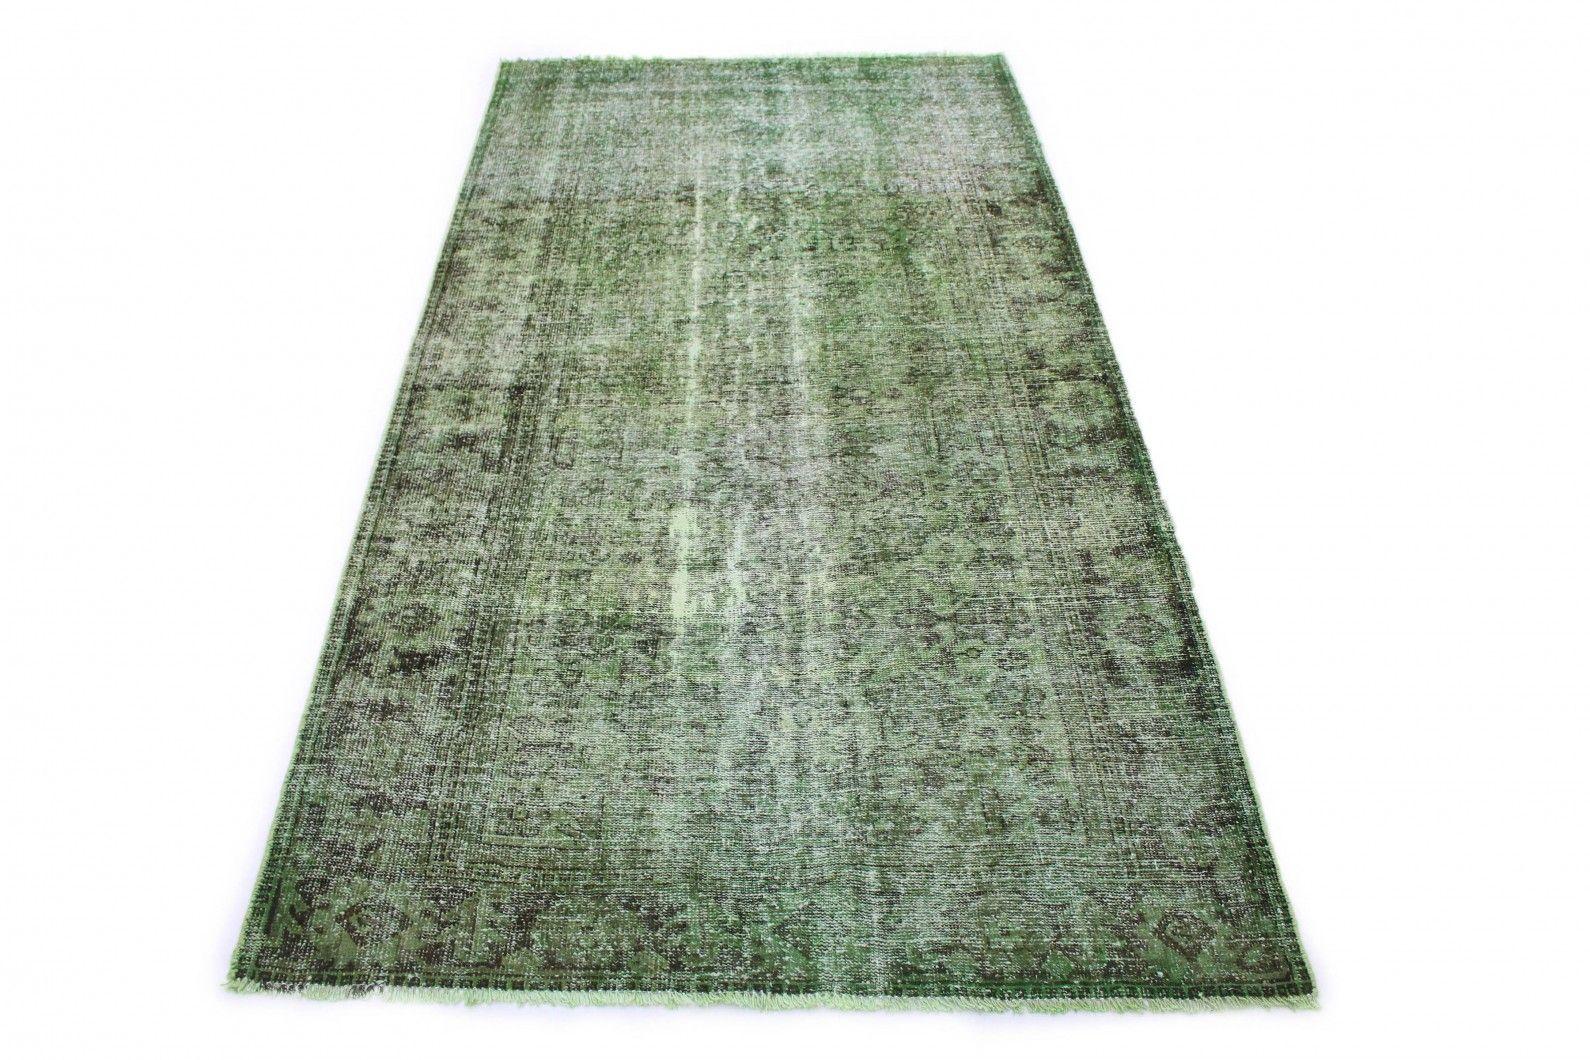 Vintage Teppich Grün In 240x130 Vintage Teppiche Teppich Grün Teppicharten